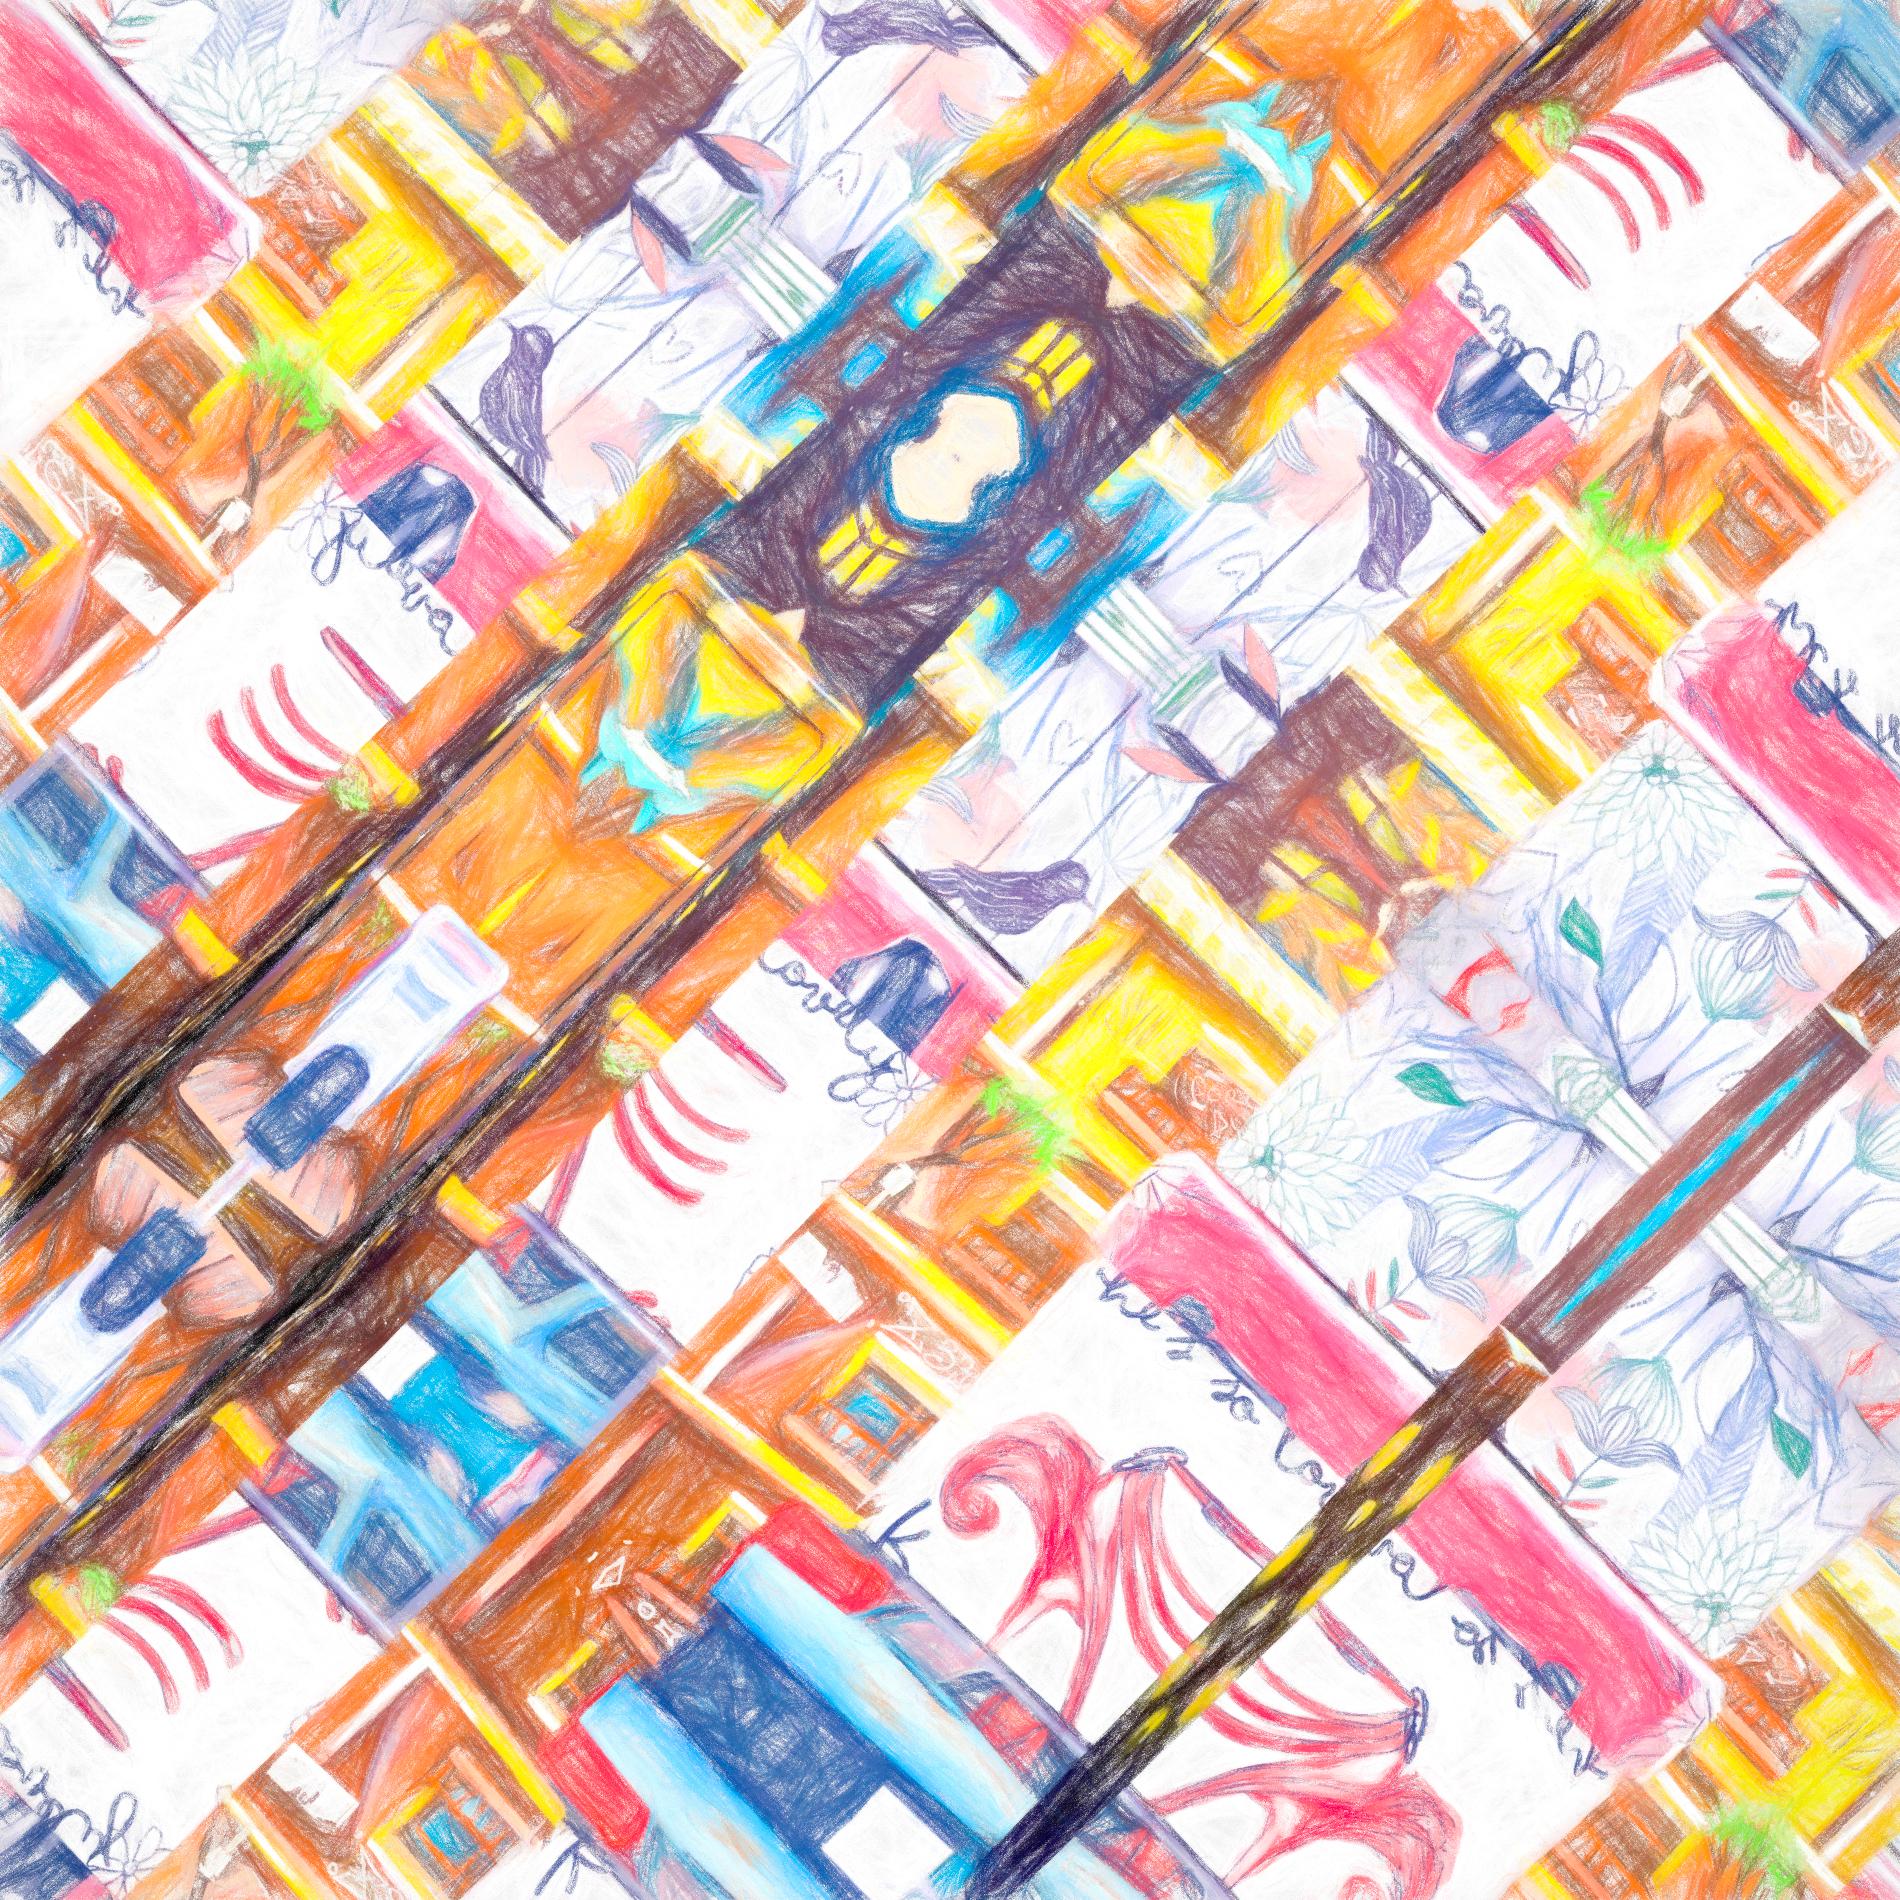 おしゃれなカラフルポスター&かわいい壁紙:色鉛筆